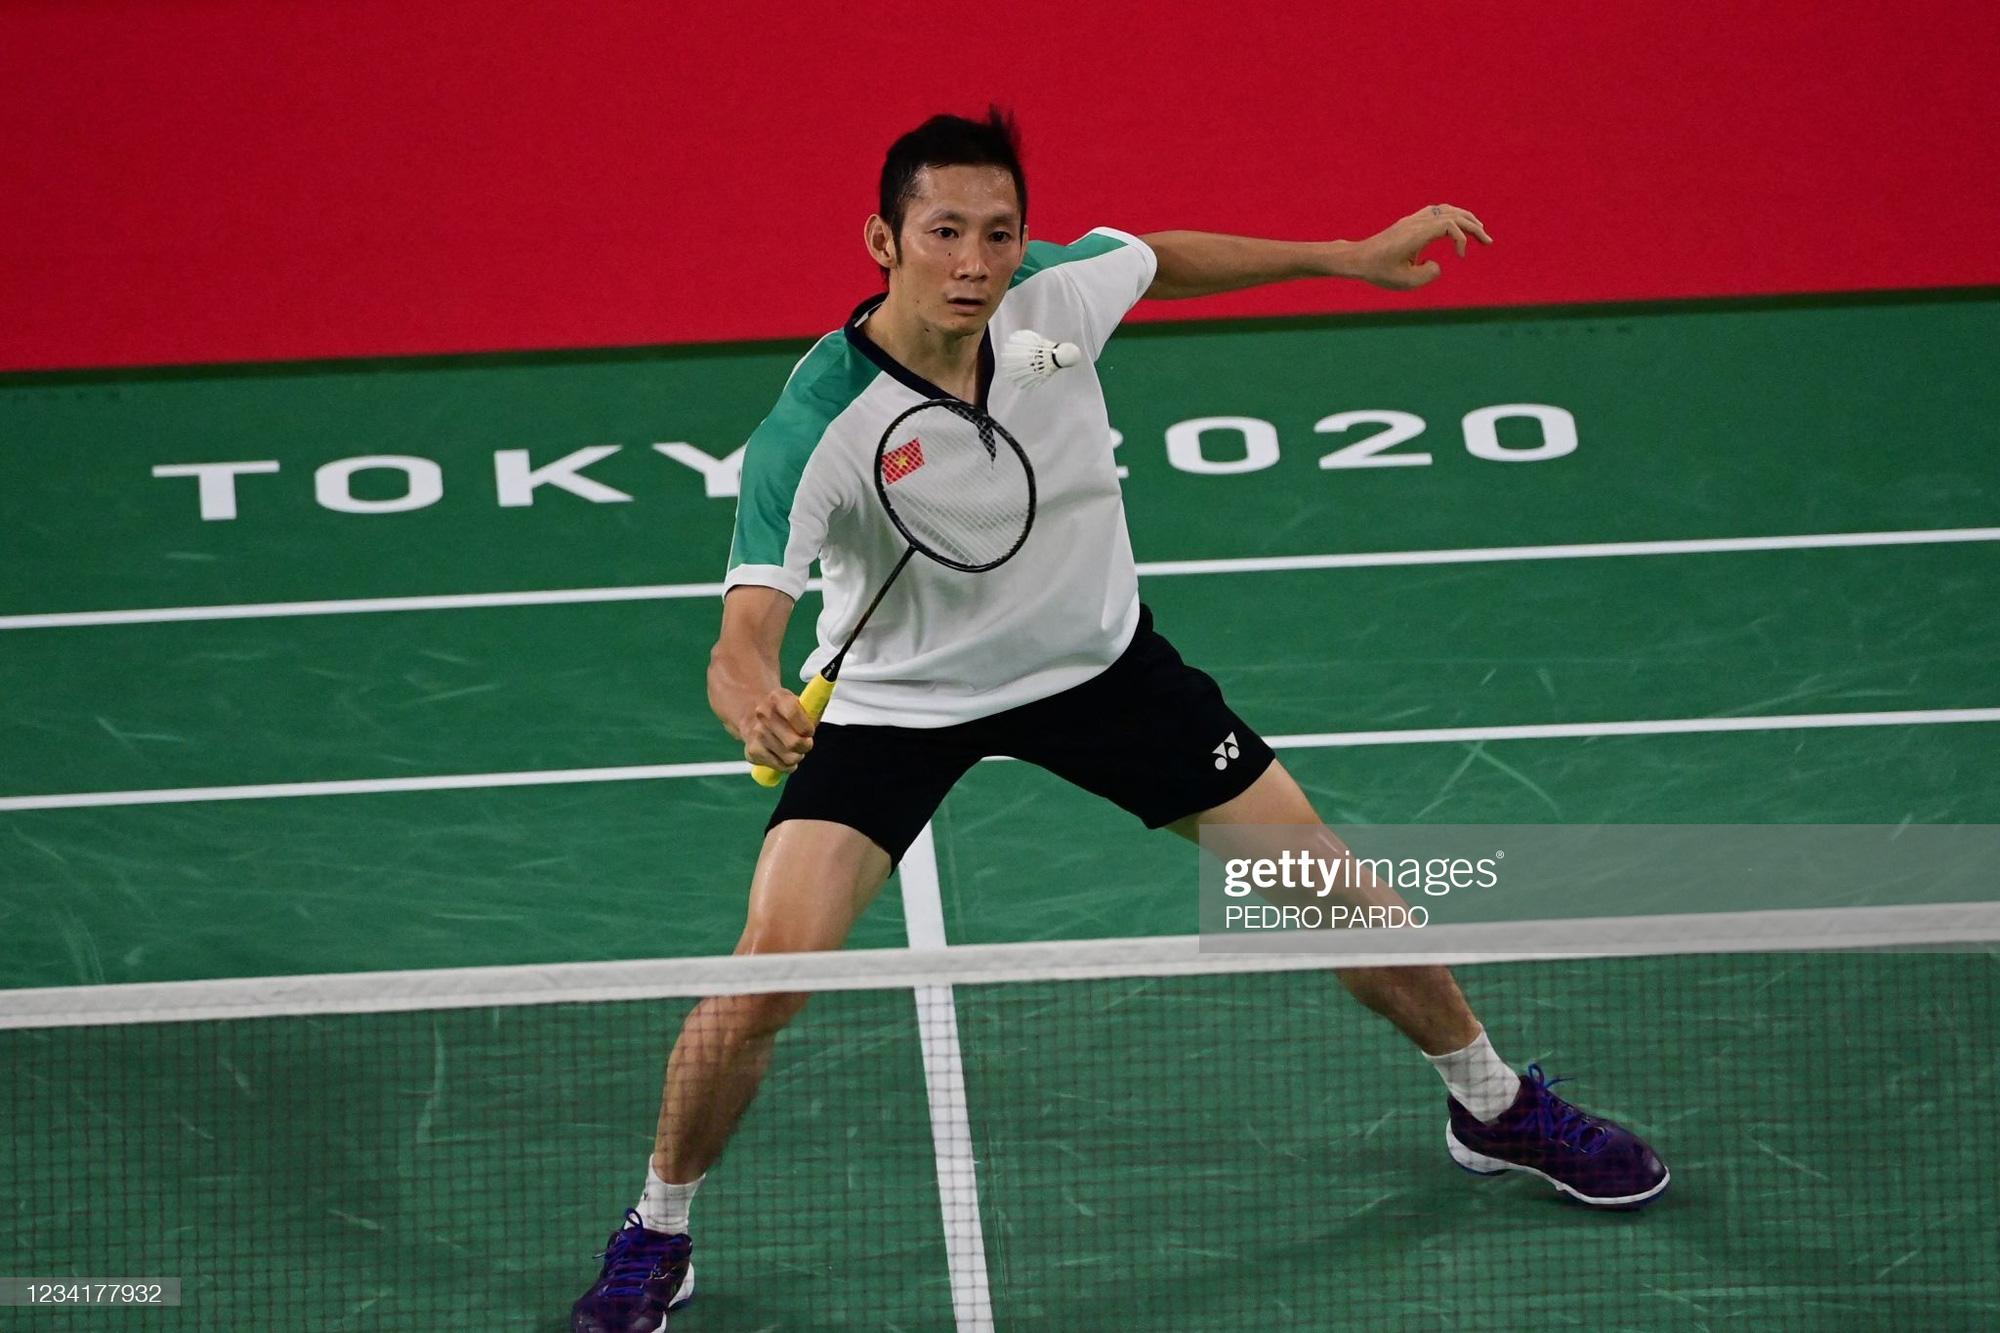 Nguyễn Tiến Minh chính thức chia tay Olympic Tokyo khi không thể giành chiến thắng trước tay vợt trẻ hơn 15 tuổi  - Ảnh 1.